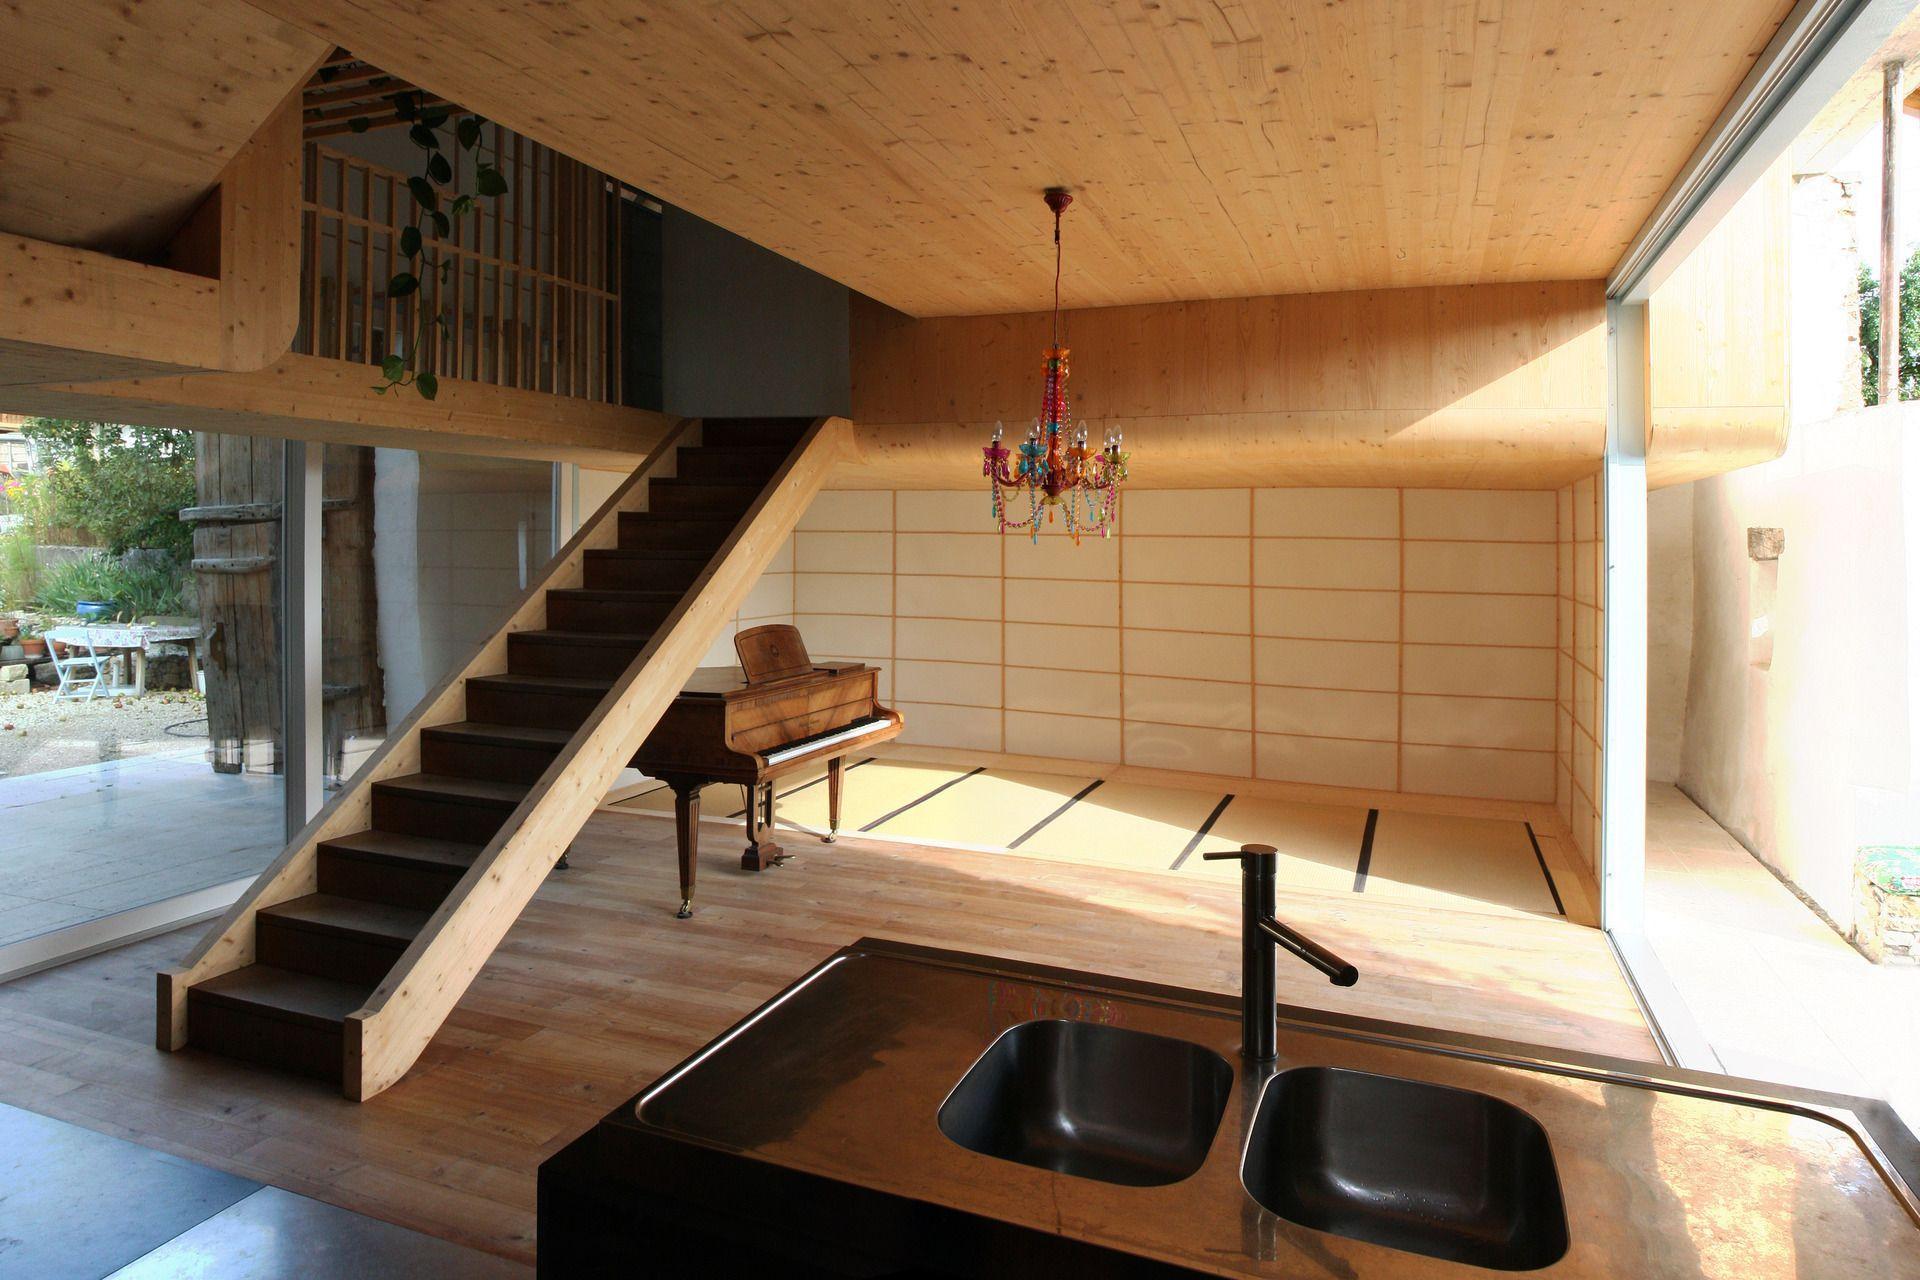 Asiatische Architektur mit Faltwerktreppe | Häuser | Pinterest ...